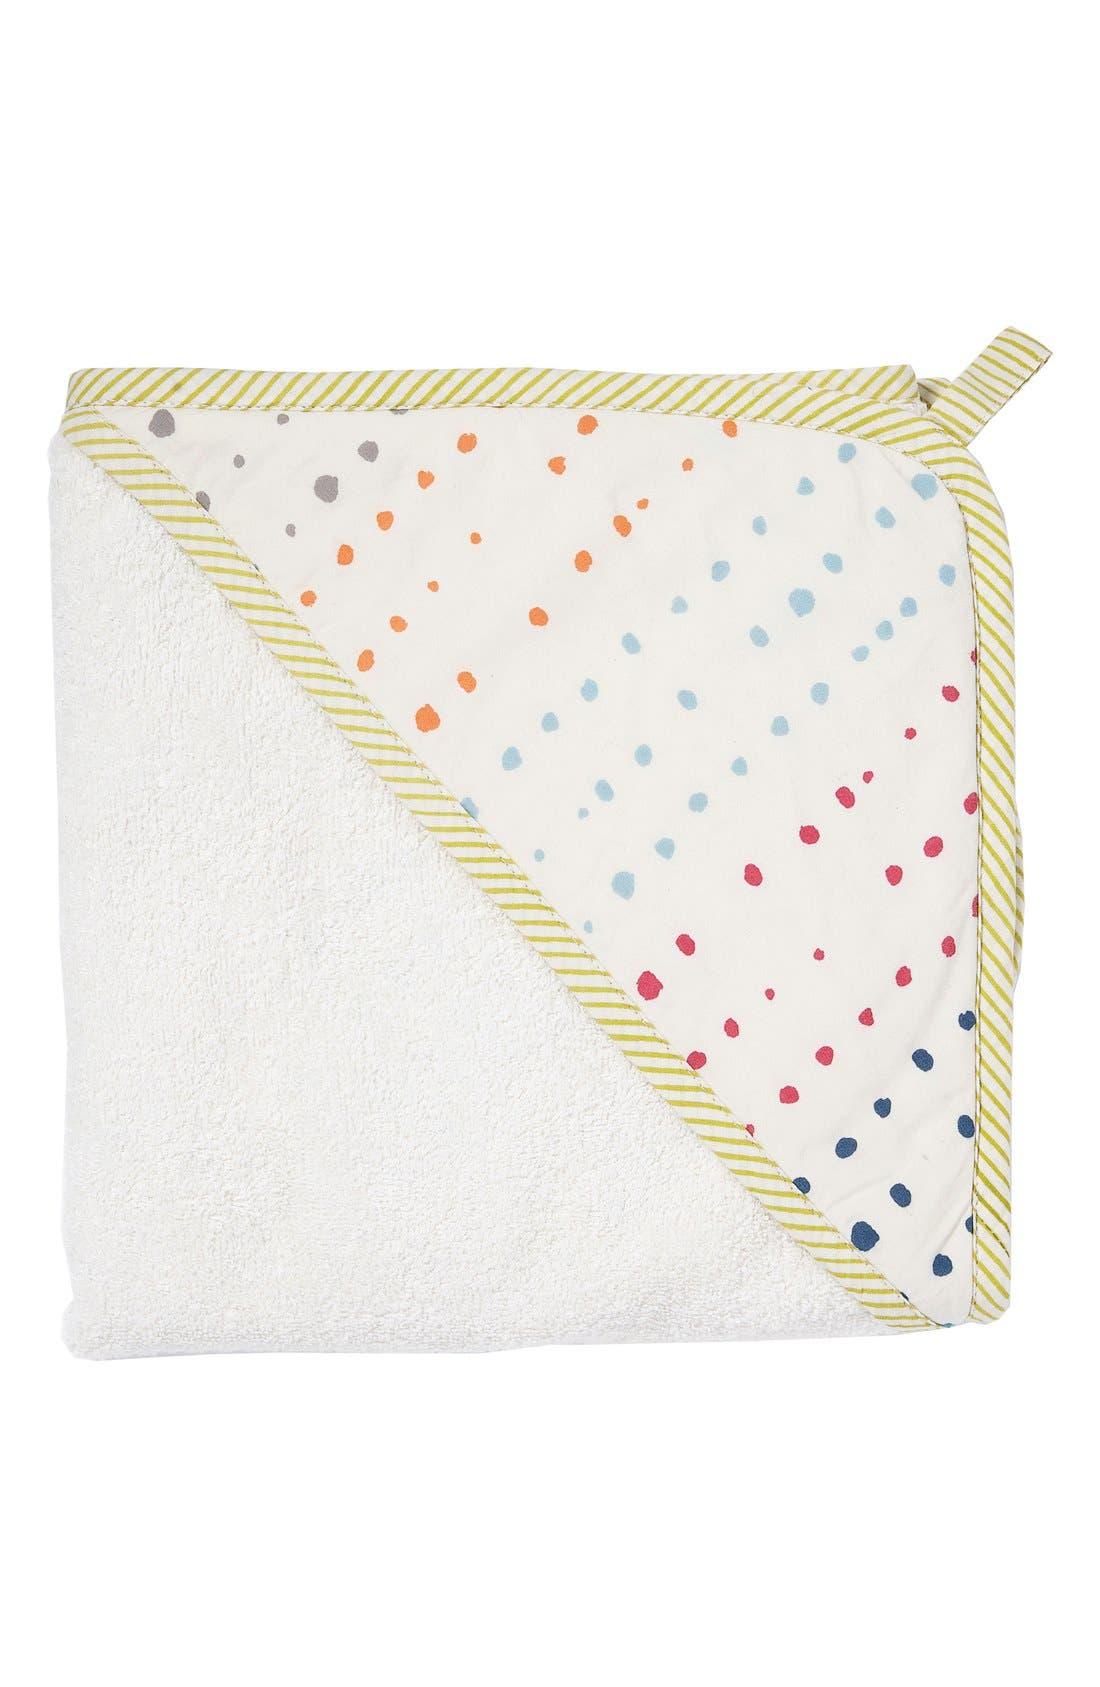 Print Hooded Towel,                             Main thumbnail 1, color,                             Painted Dots